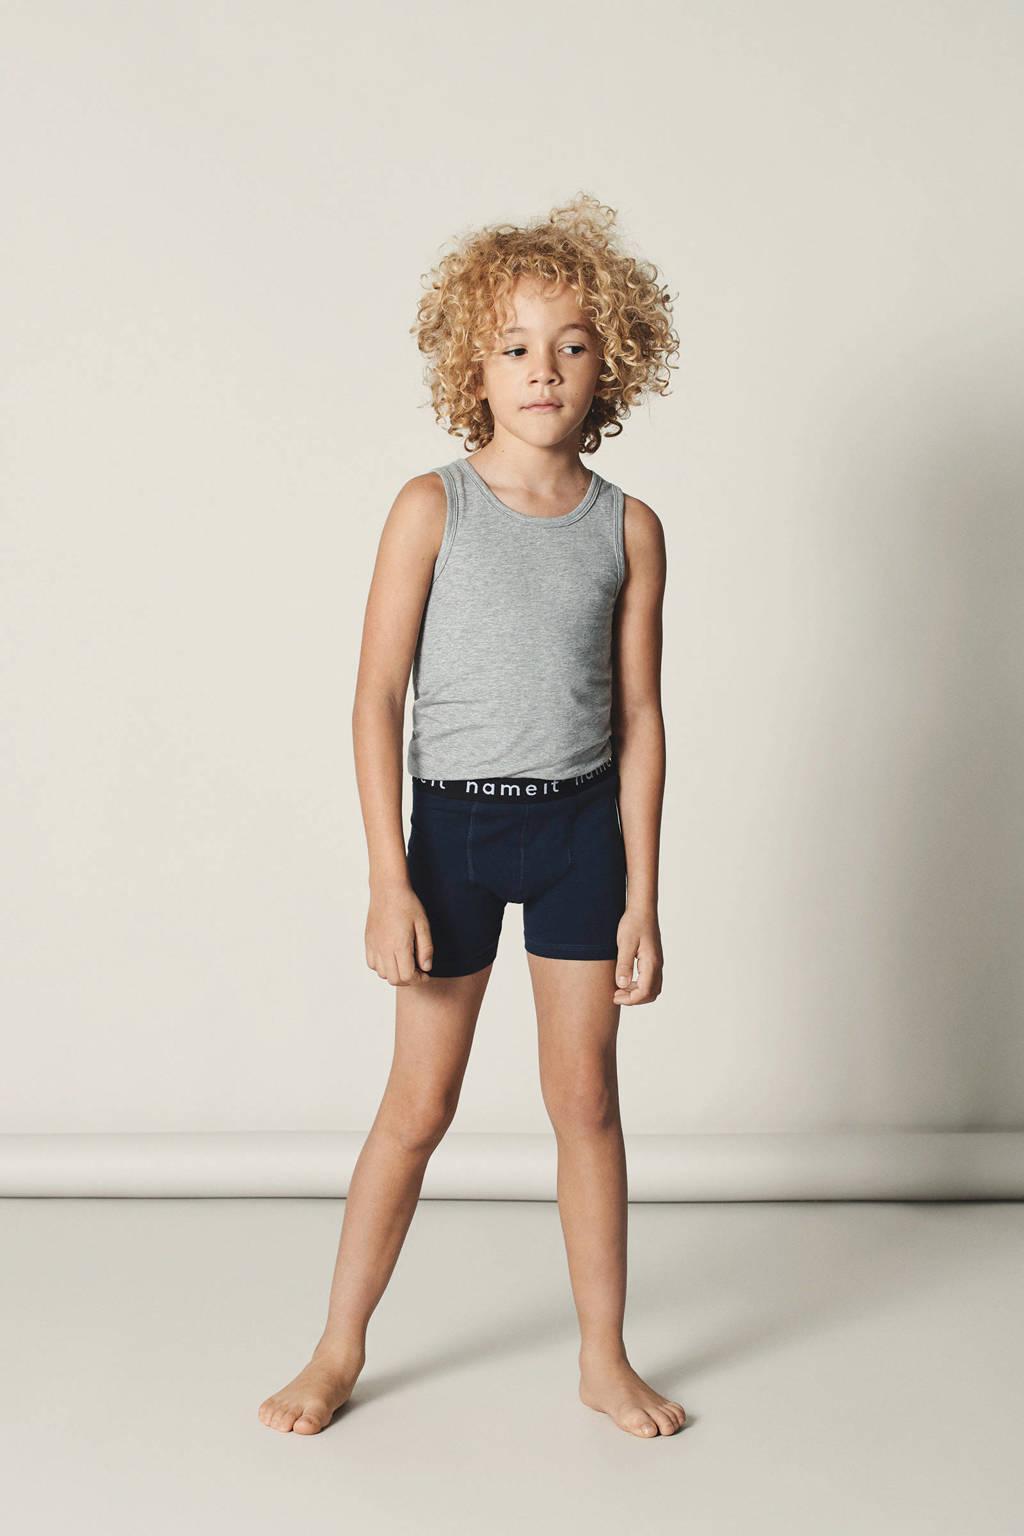 NAME IT KIDS   boxershort - set van 2, Zwart/wit